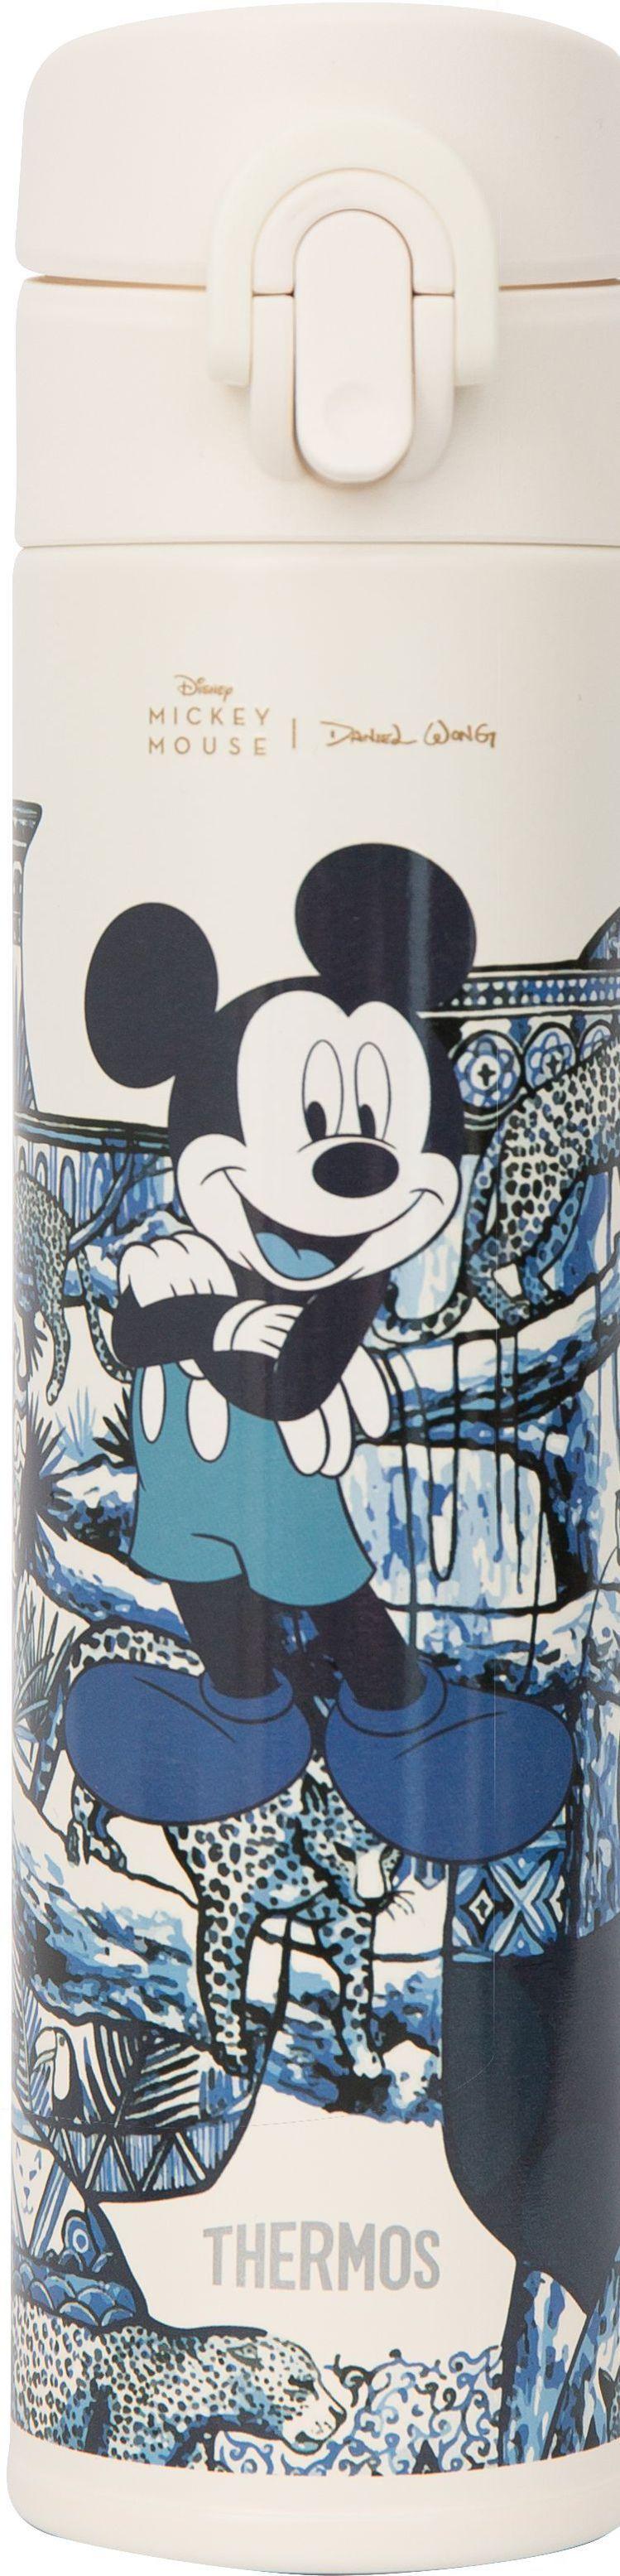 瓷花樂園不鏽鋼真空保溫瓶,1,880元。圖/Daniel Wong提供